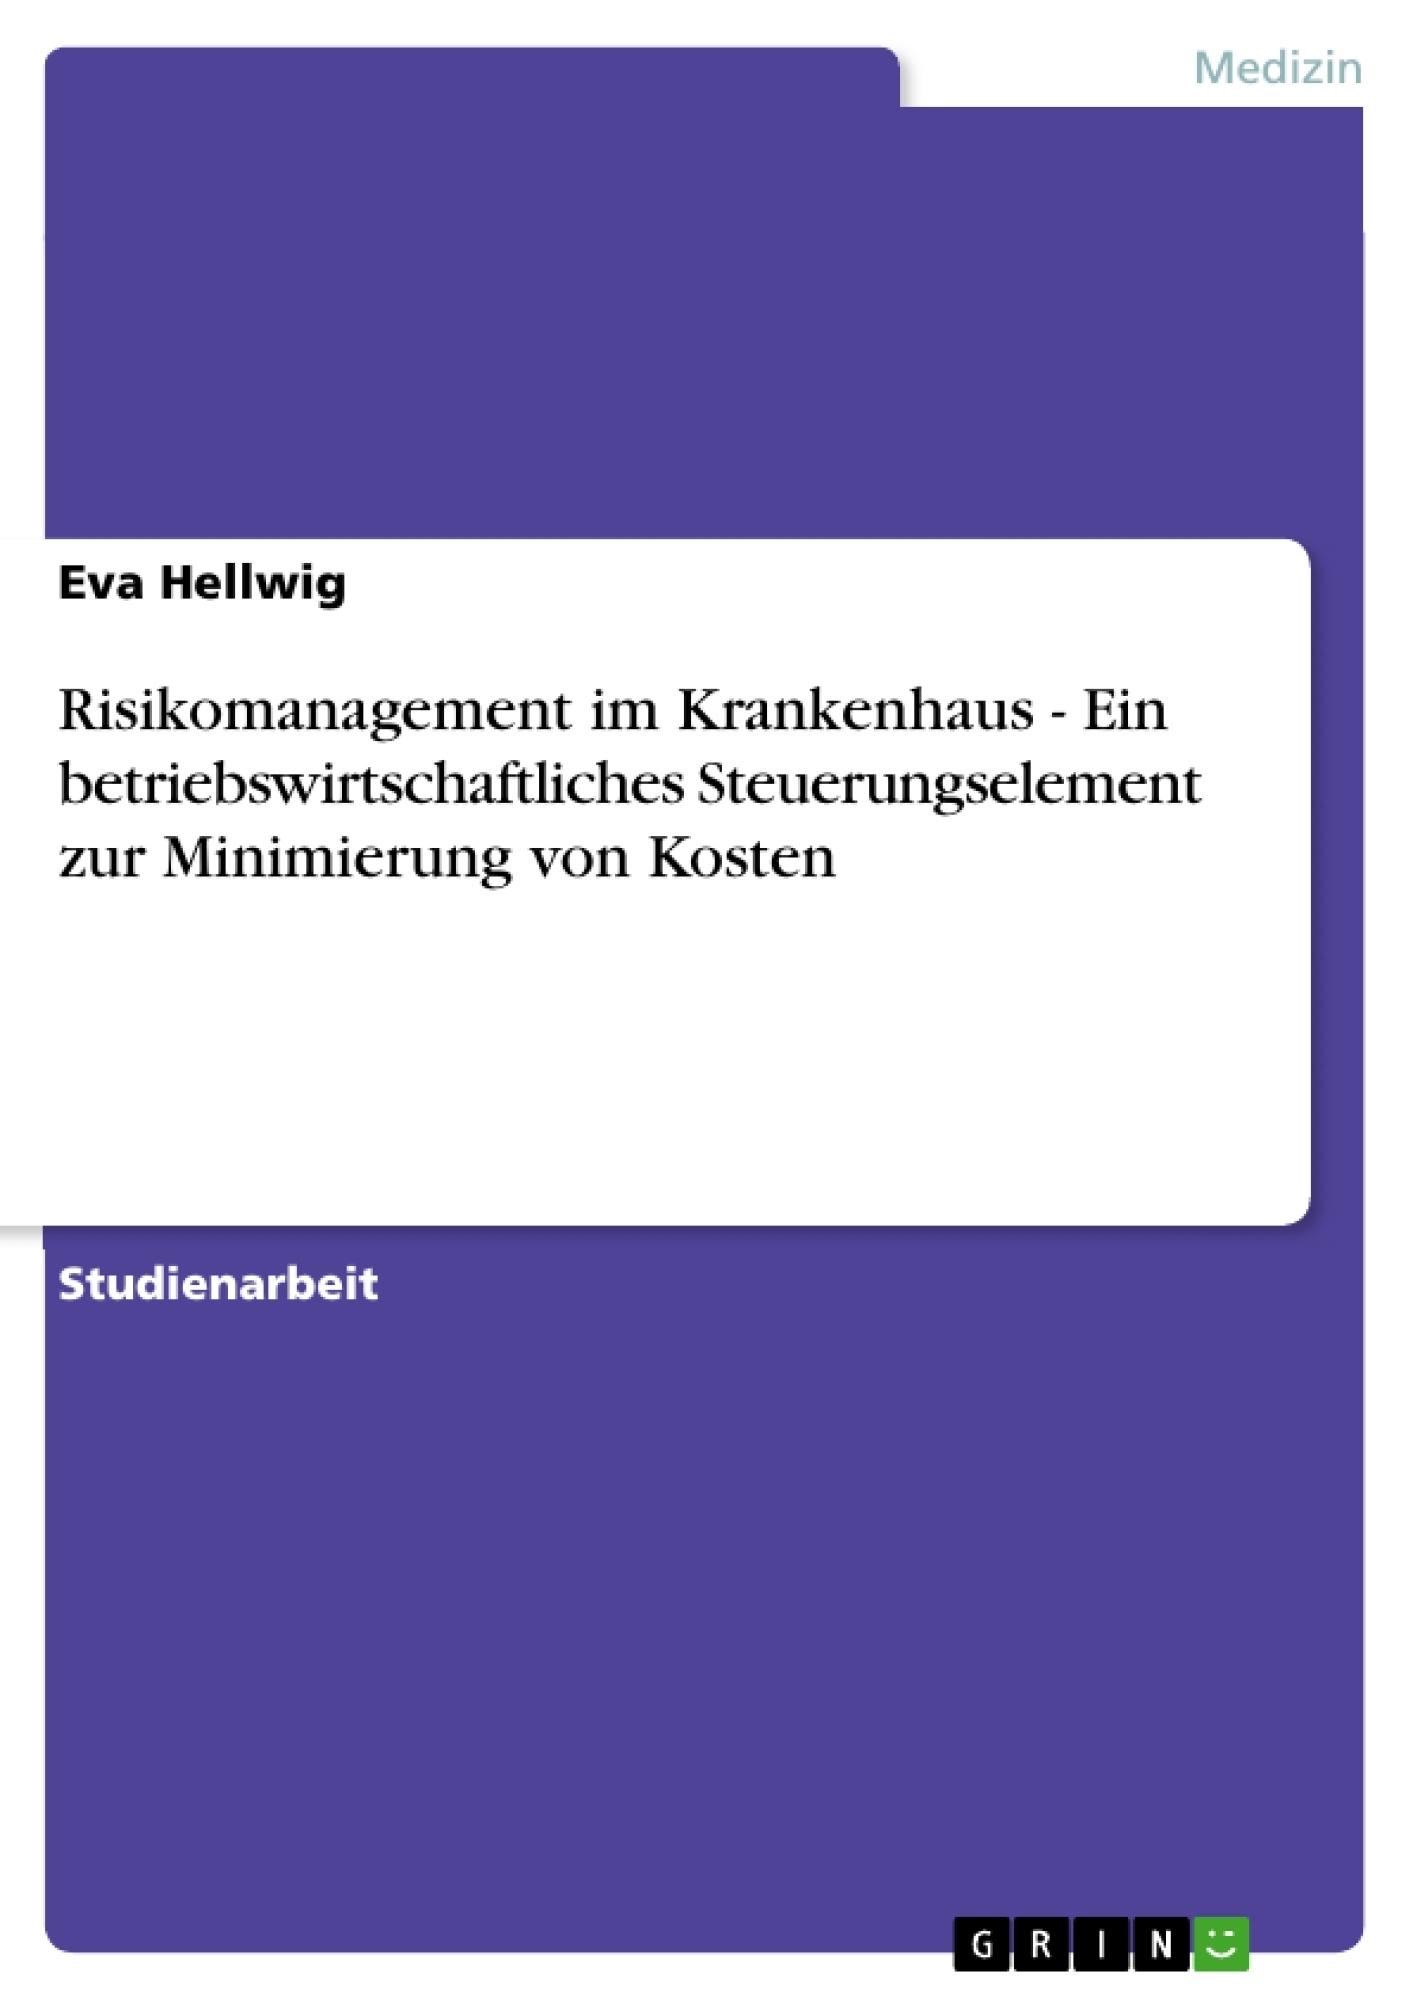 Risikomanagement im Krankenhaus - Ein betriebswirtschaftliches ...